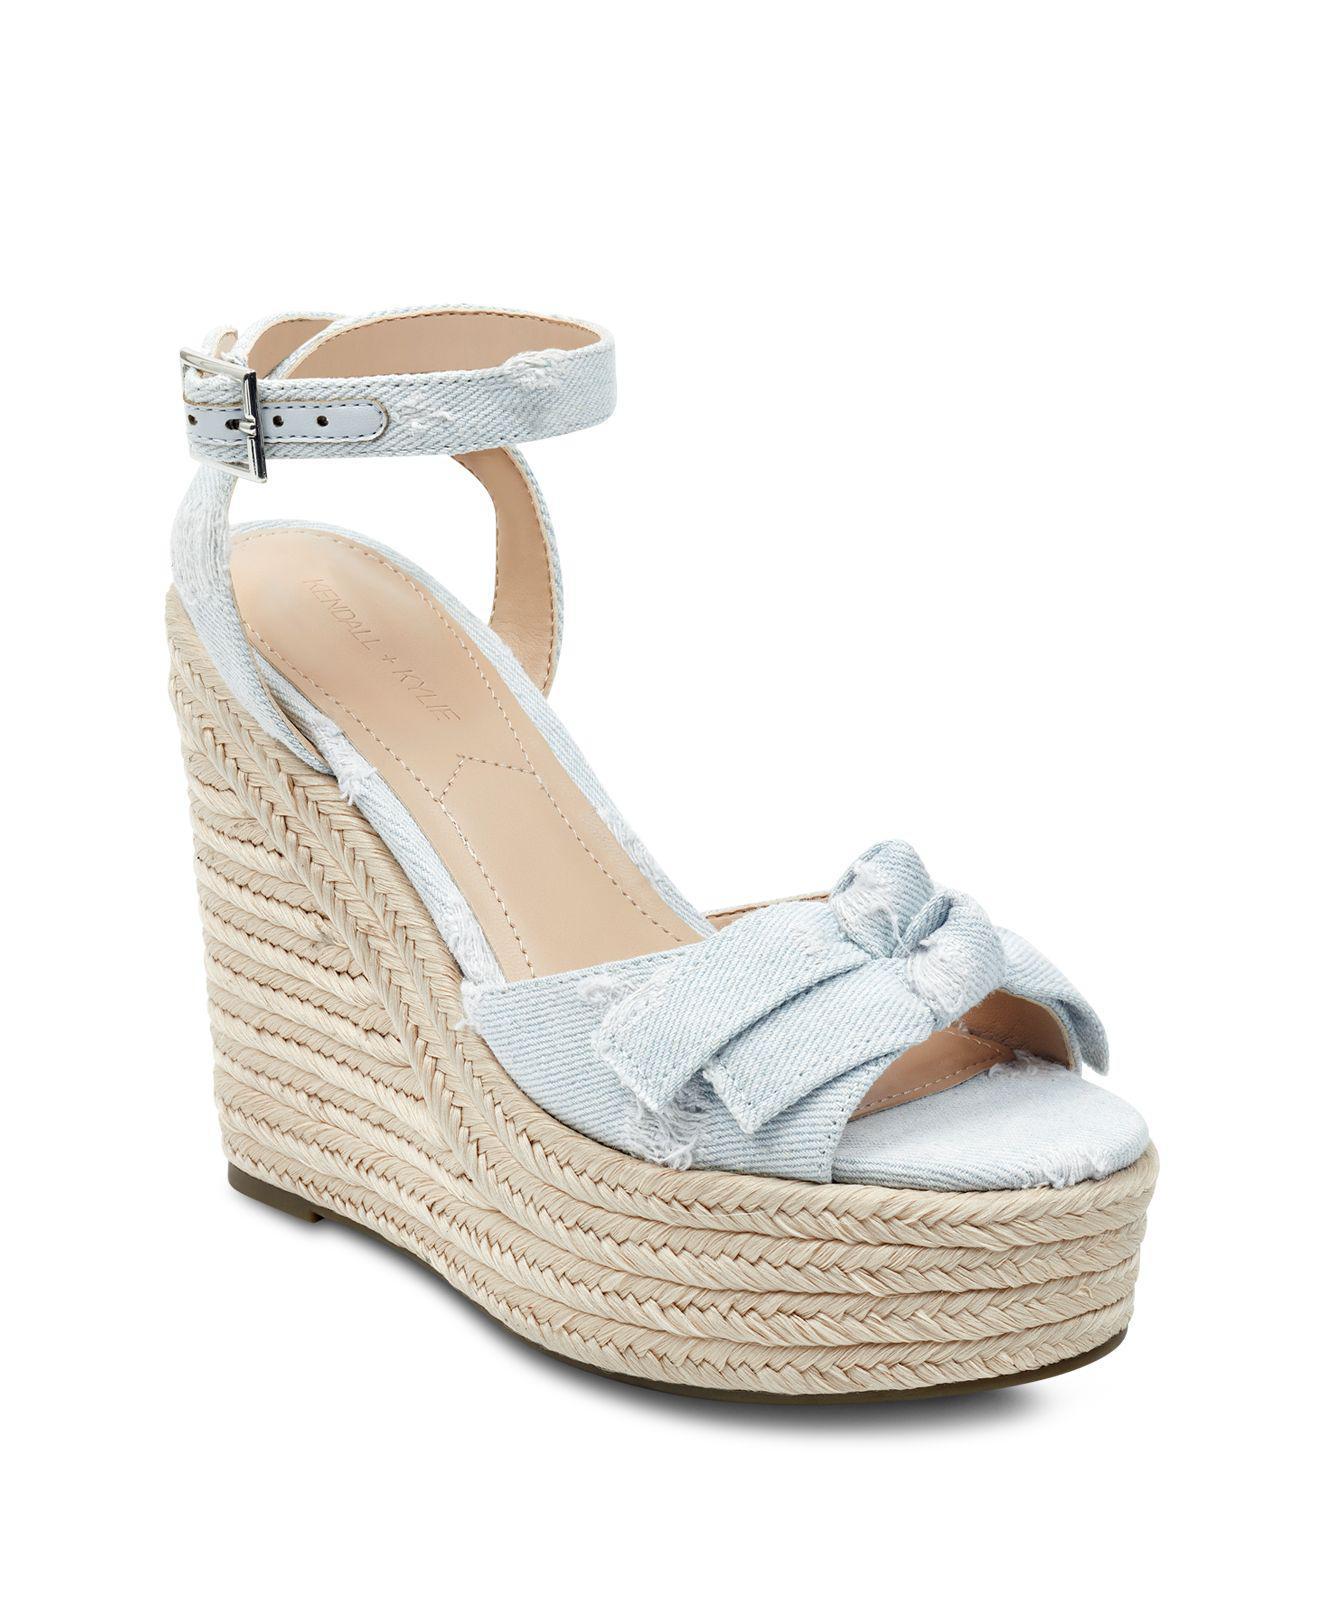 Kendall And Kylie Women's Gwenn2 Denim Espadrille Platform Wedge Sandals 7rAGgh